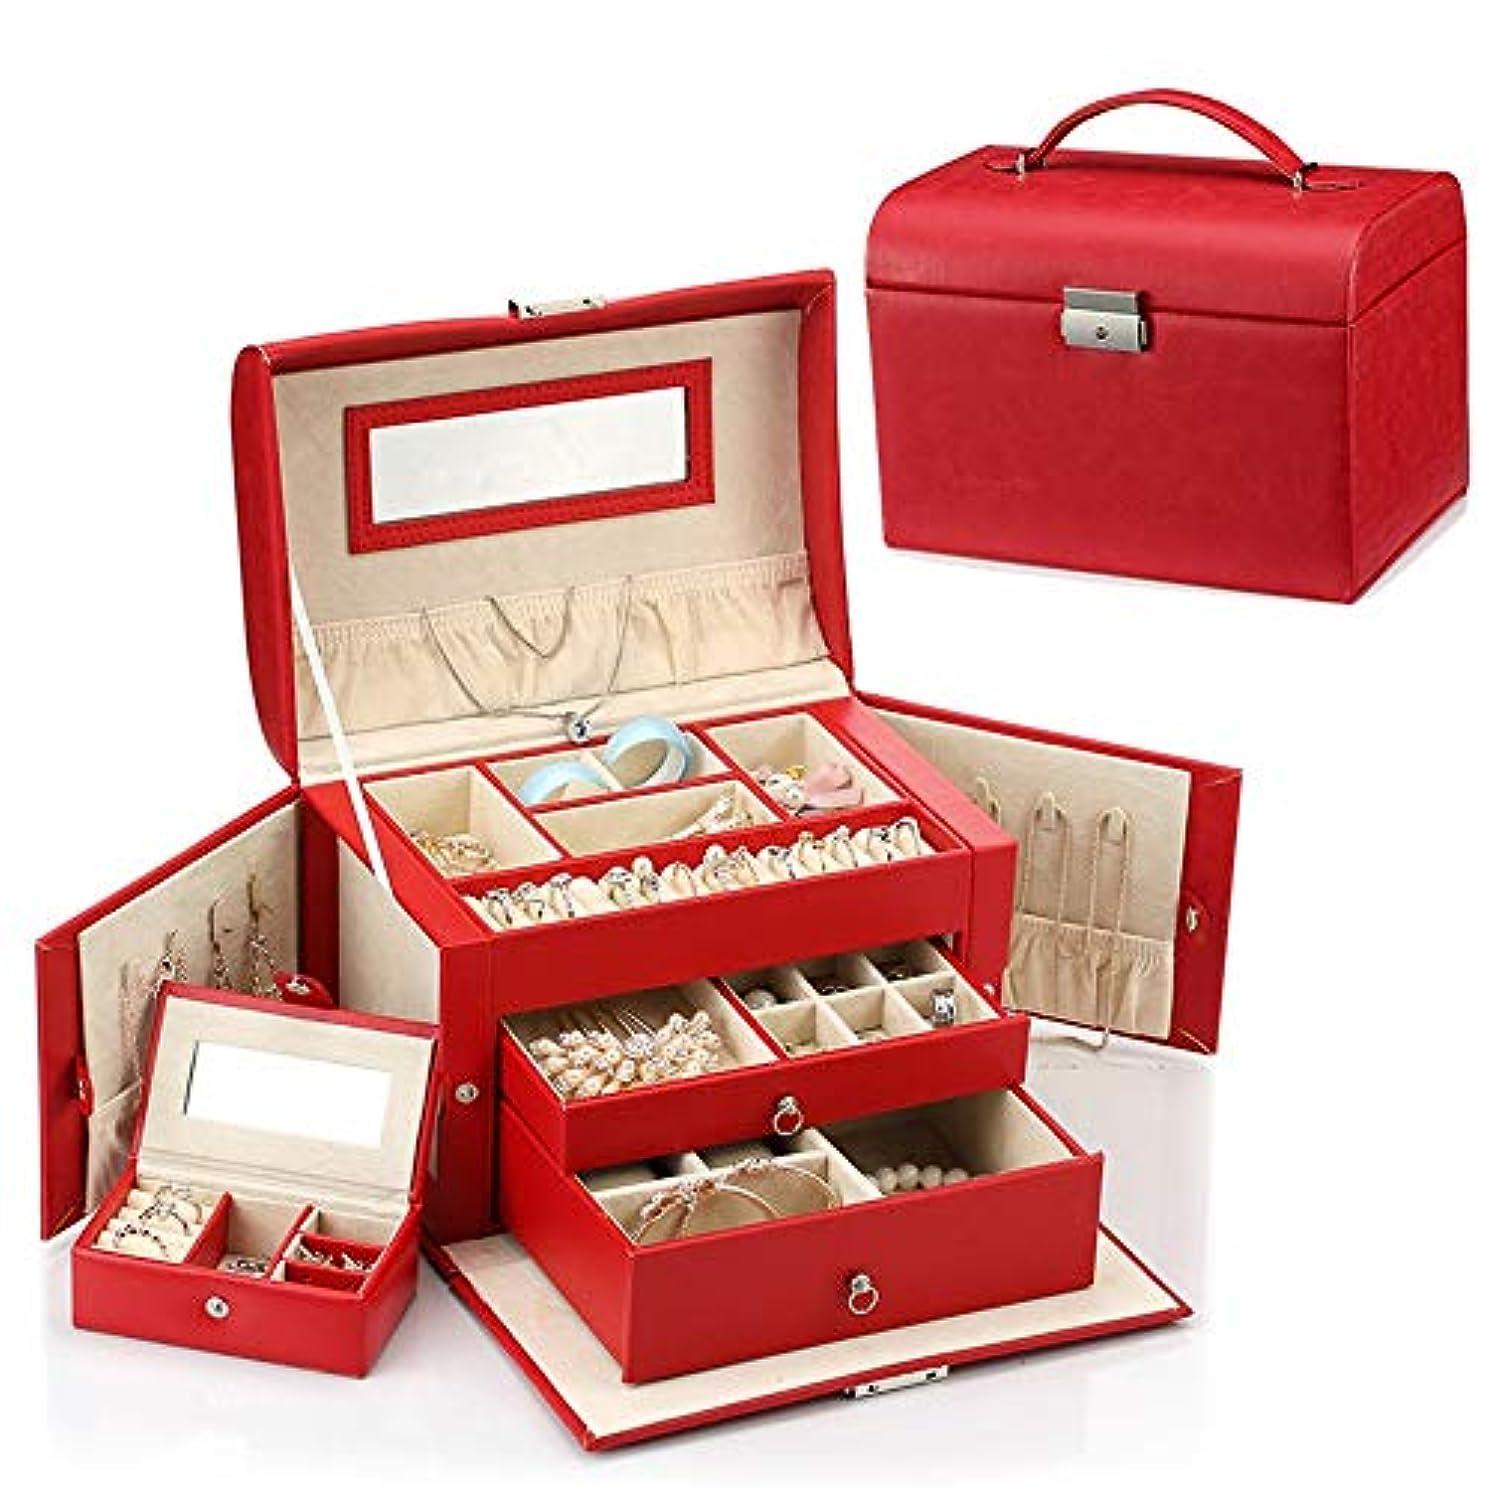 感心する材料誰か特大スペース収納ビューティーボックス ジュエリーボックス、イミテーションレザーミディアムジュエリー収納ボックス、ポータブル、ロックレディレトロギフト - マルチカラーオプション 化粧品化粧台 (色 : 赤)